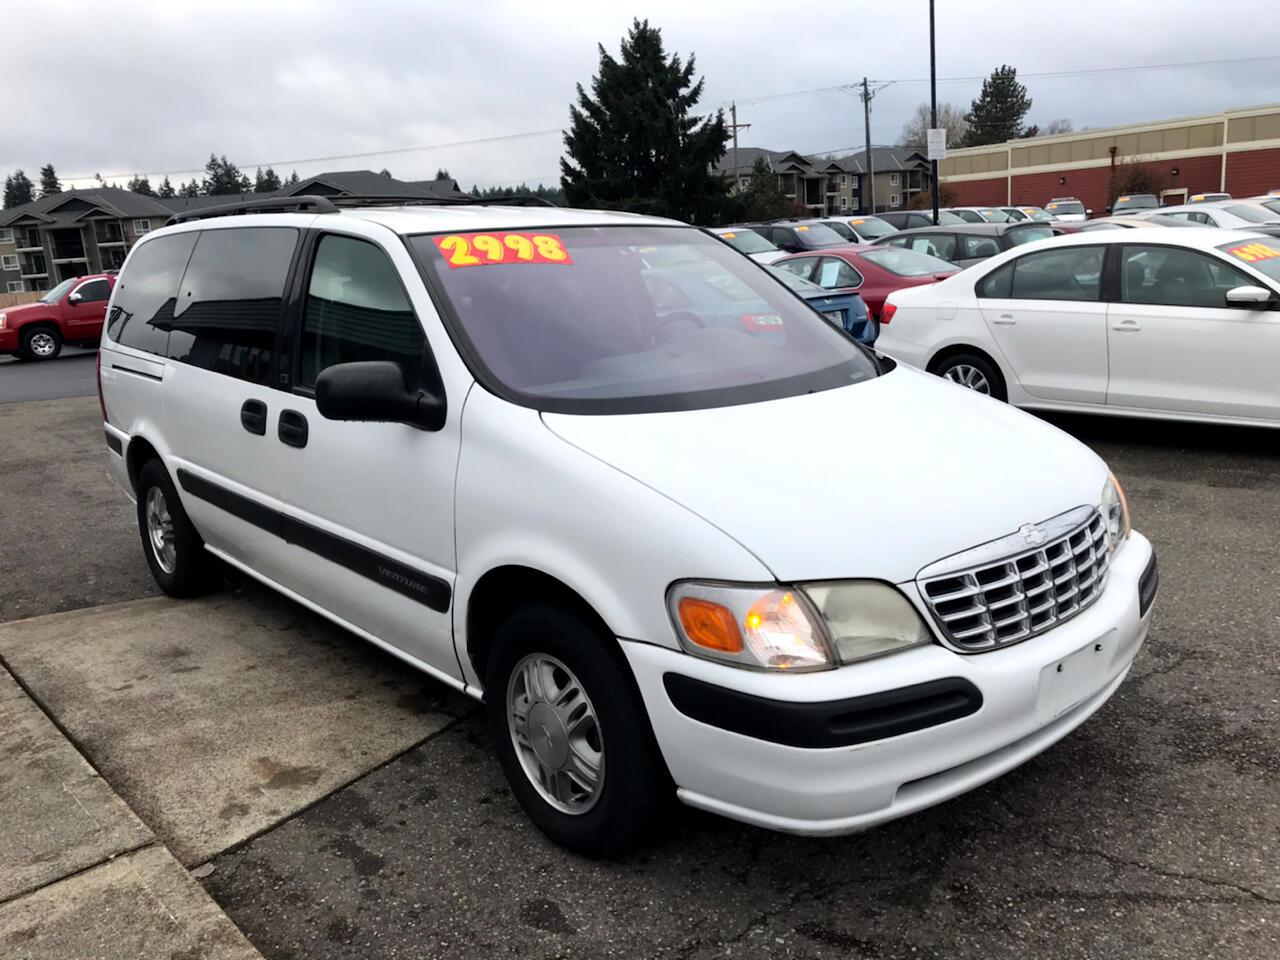 Chevrolet Venture 4dr Ext WB 1998